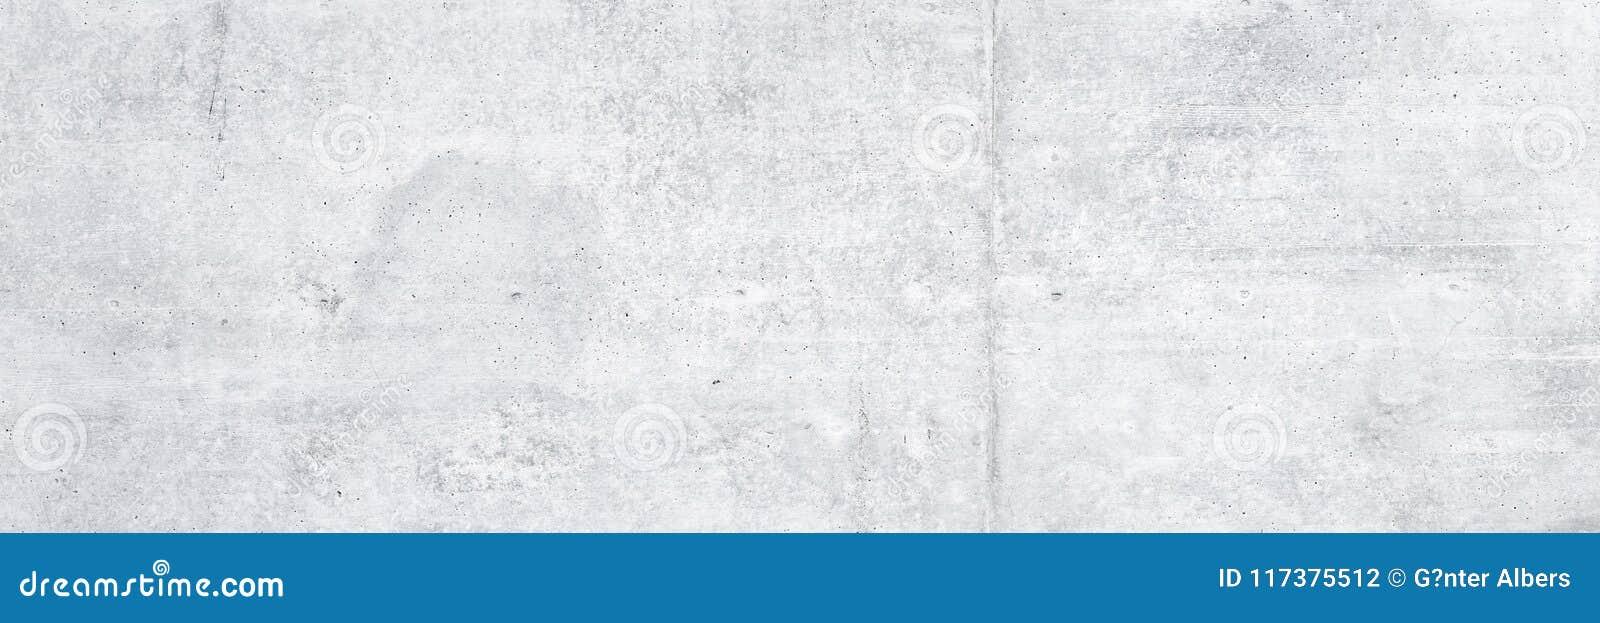 Textura blanca del muro de cemento